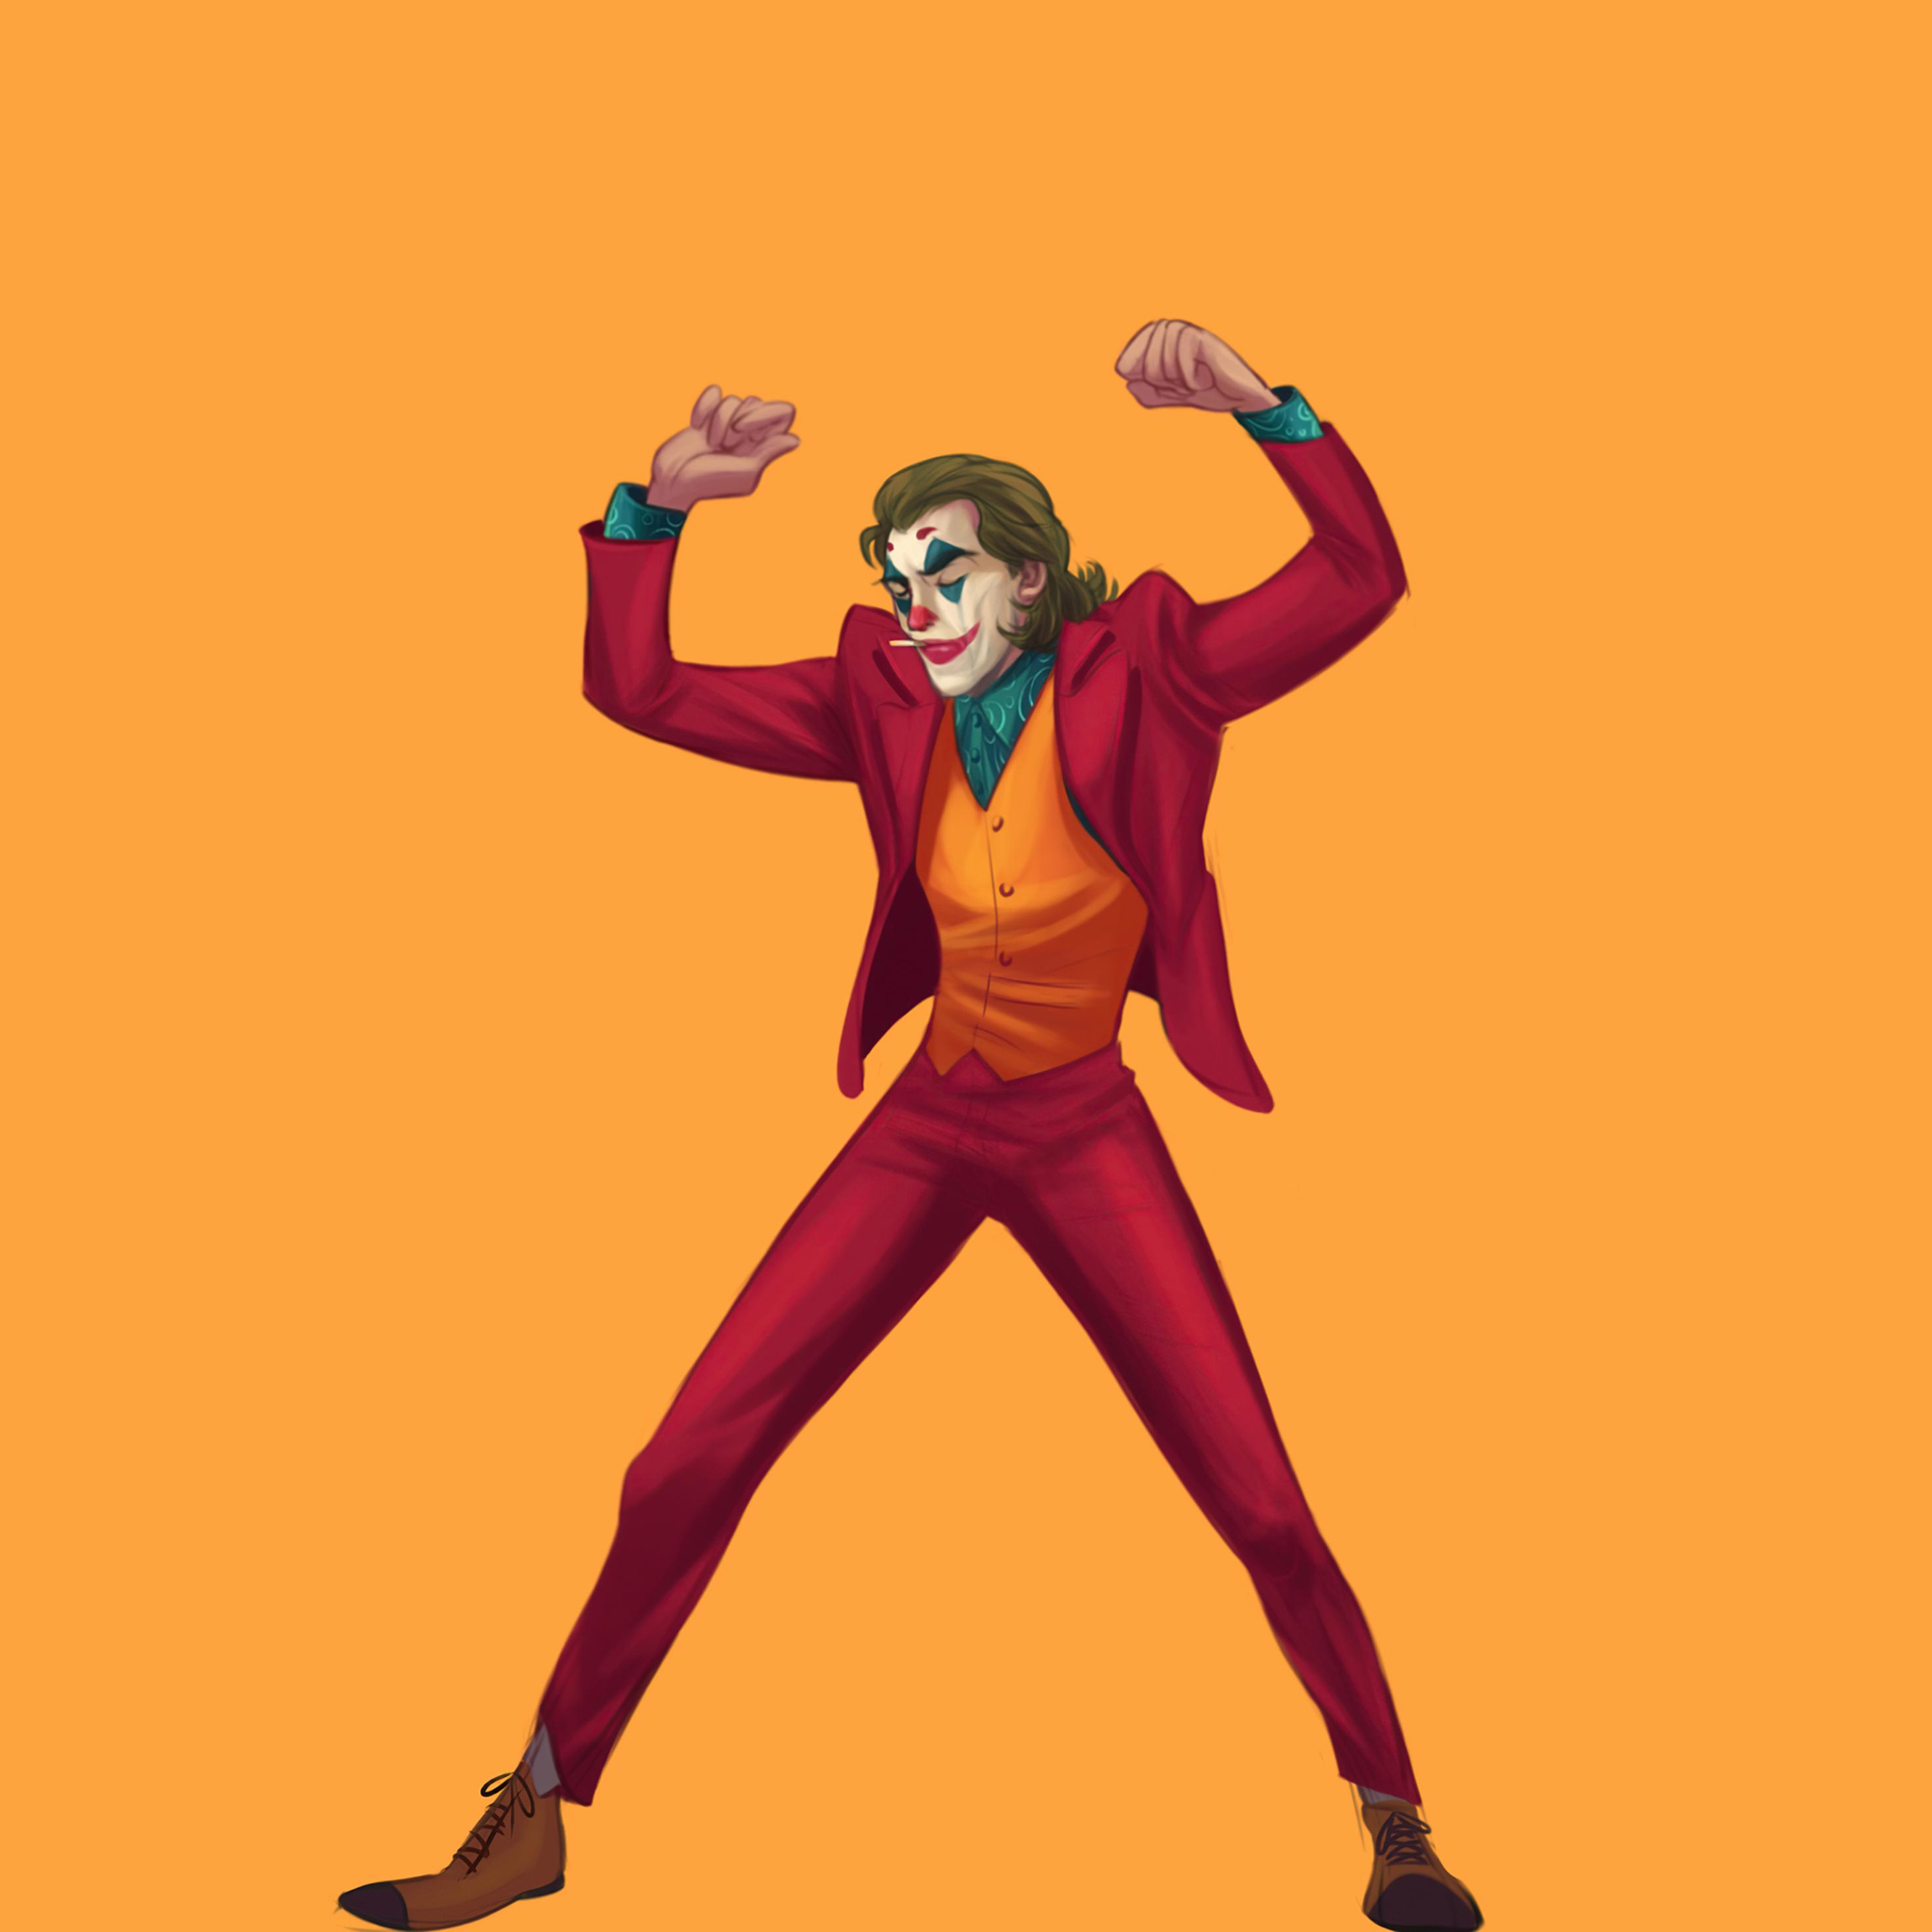 joker-dancer-bc.jpg